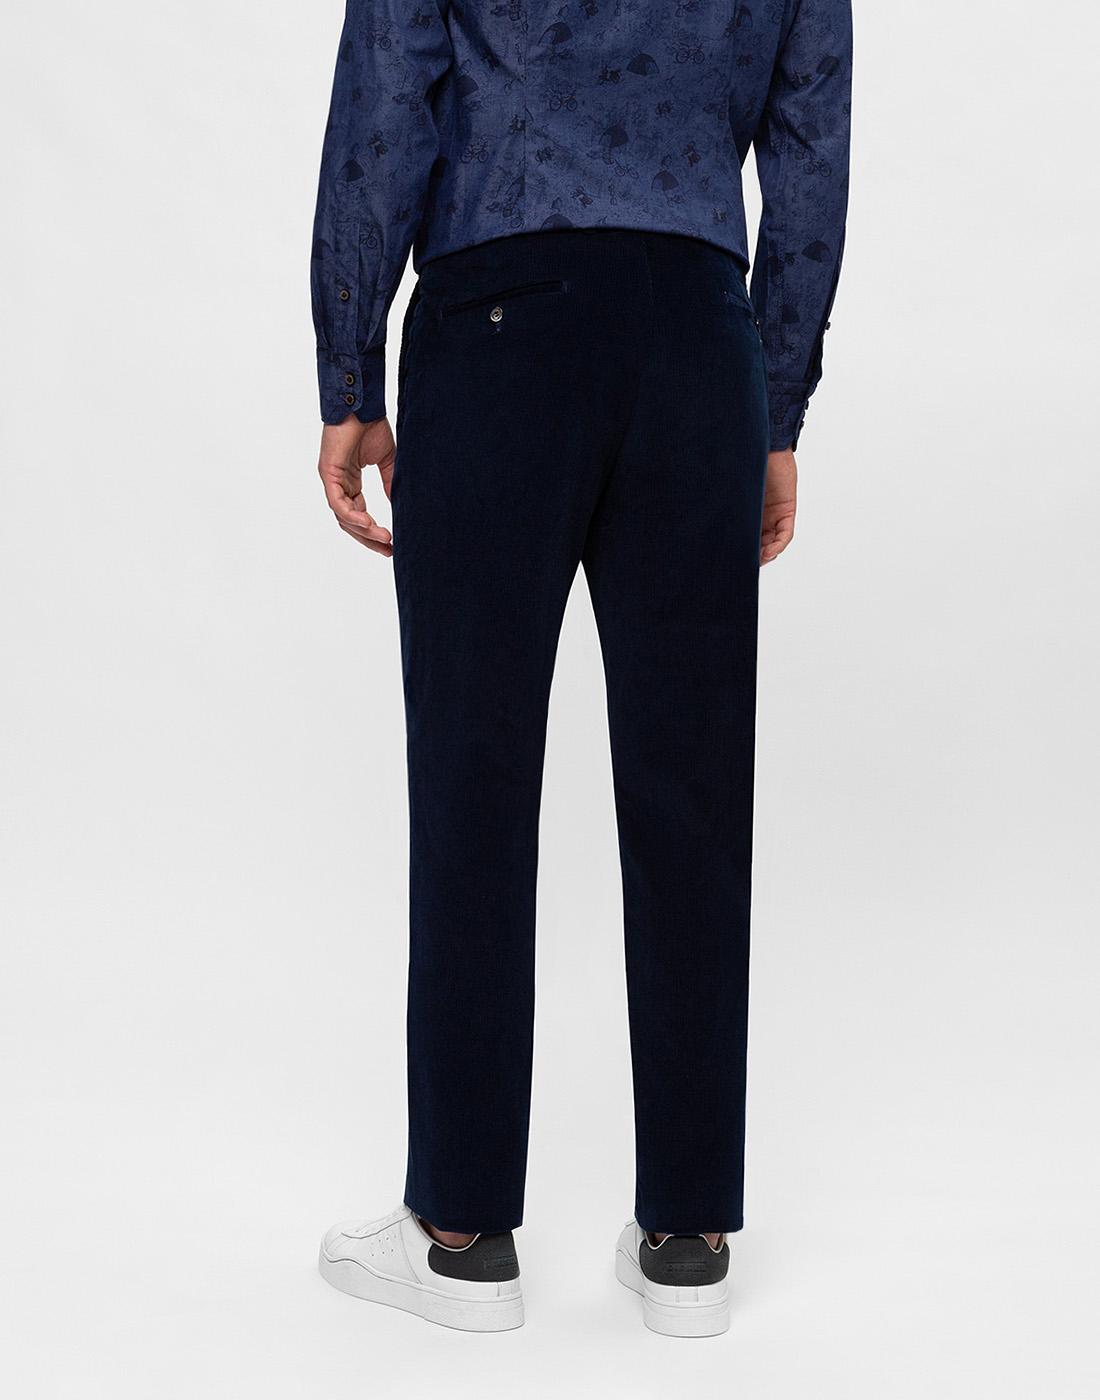 Мужские темно-синие вельветовые брюки Hiltl  S74818 43 71700-4